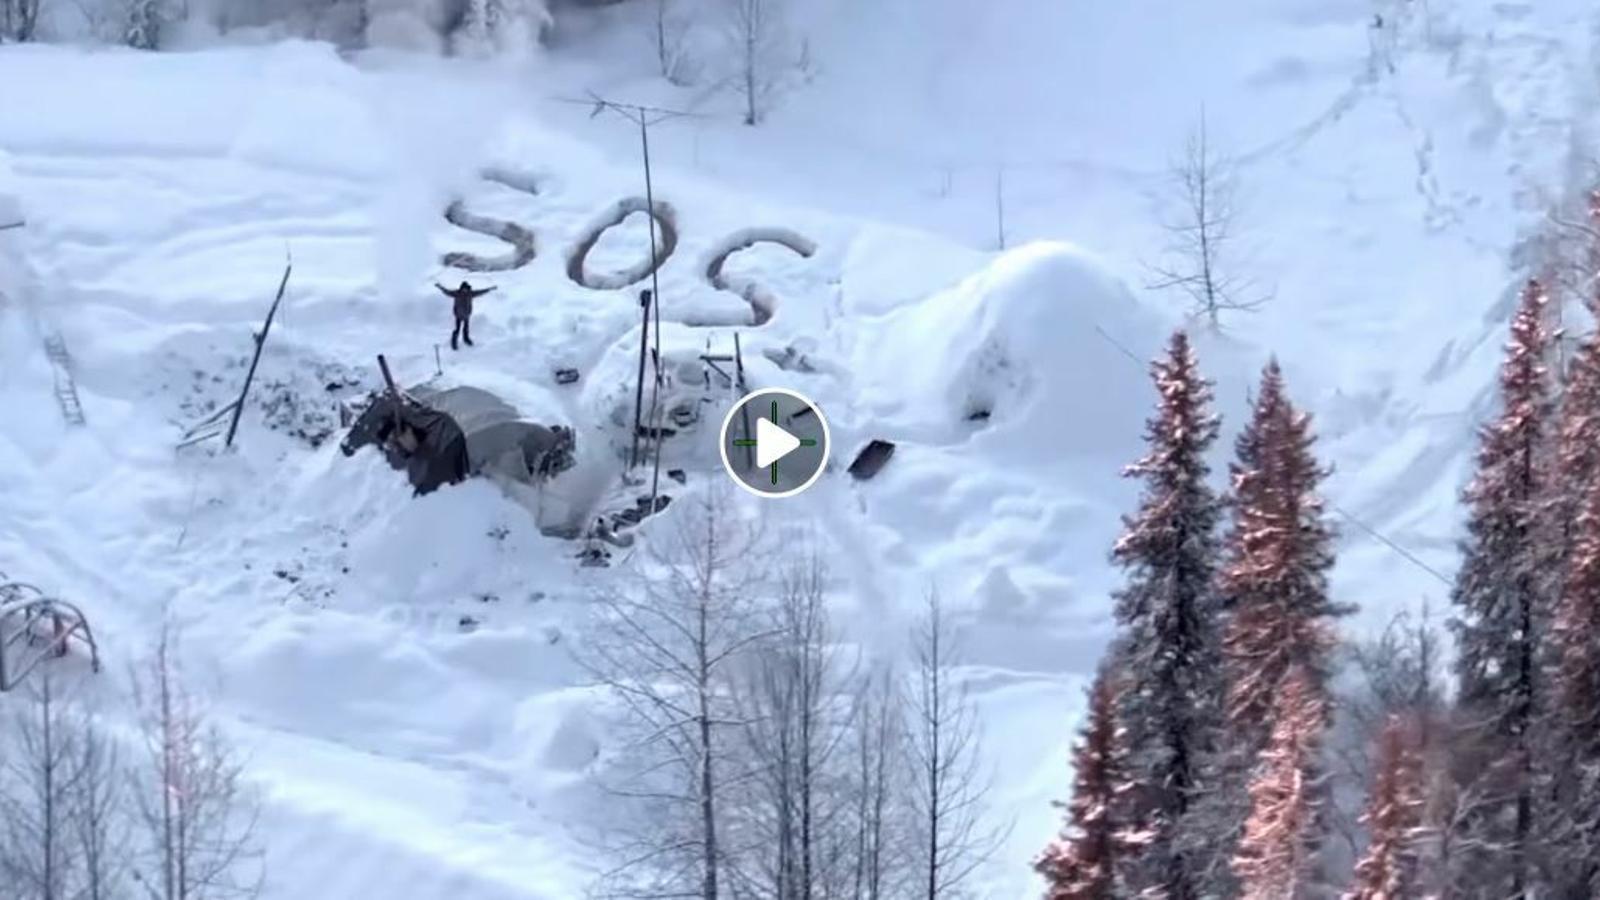 Vídeo del rescat de Tyson Steele, supervivent durant tres setmanes a Alaska